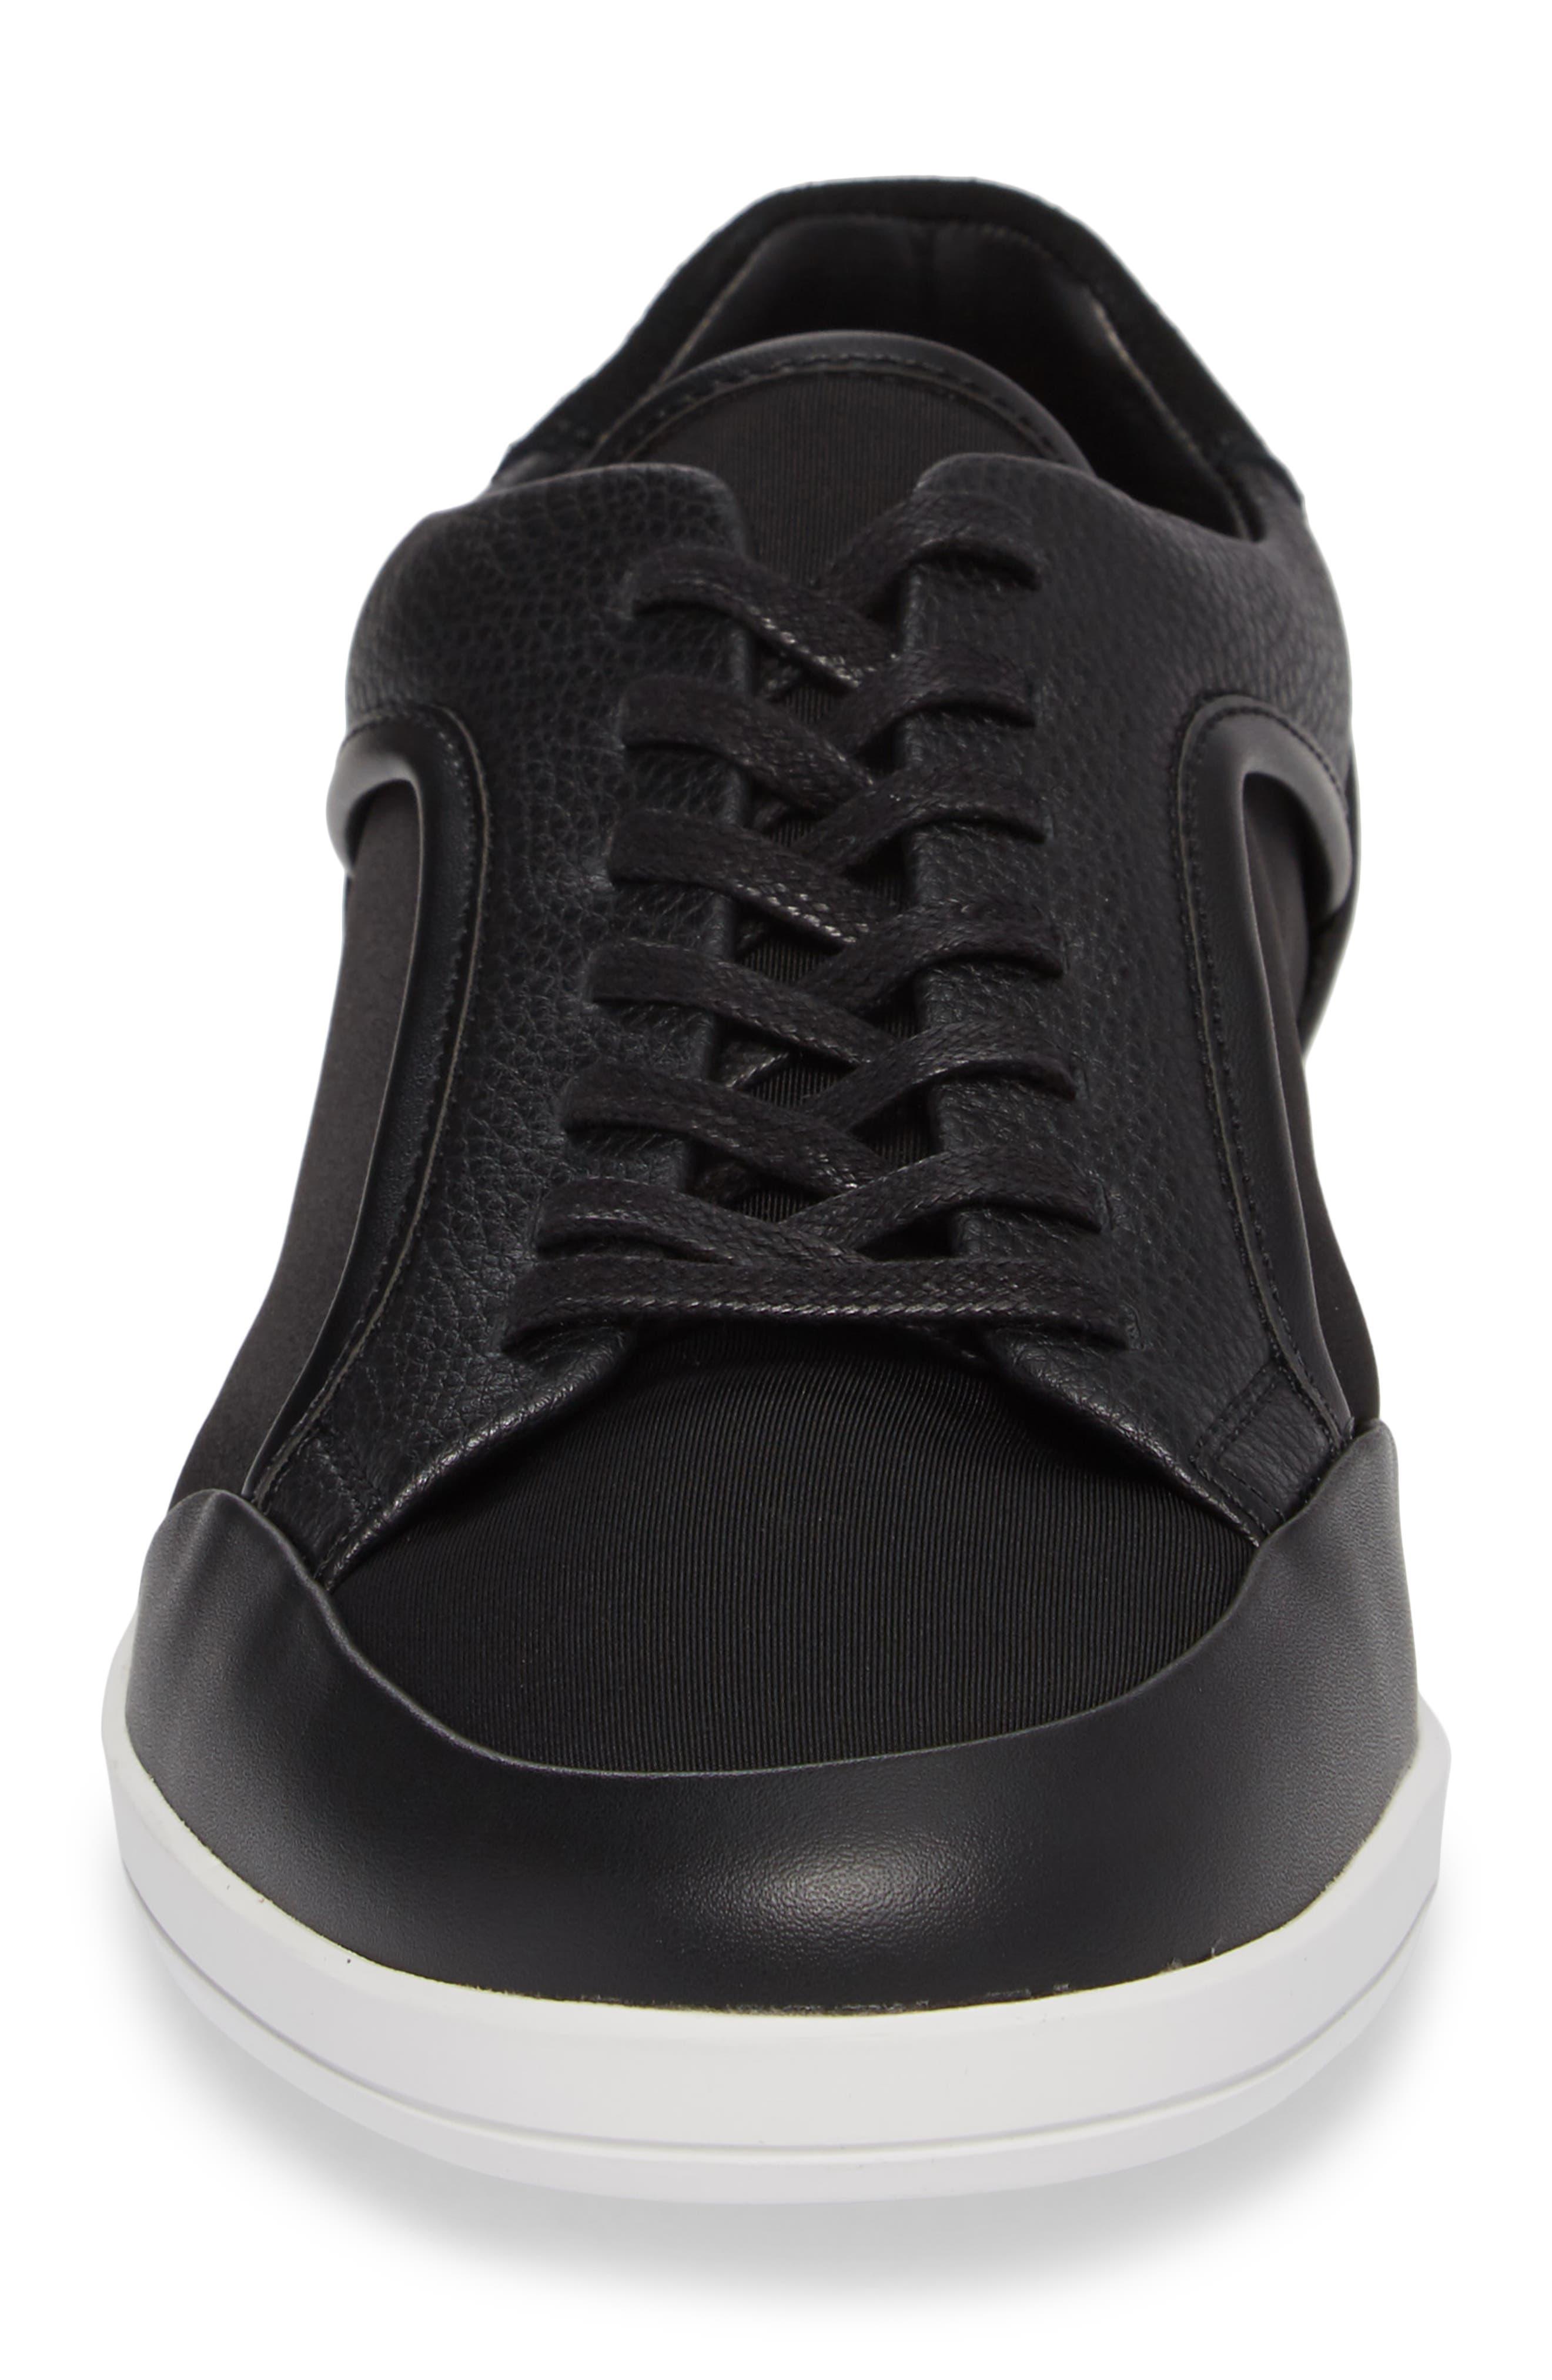 Masen Sneaker,                             Alternate thumbnail 4, color,                             001